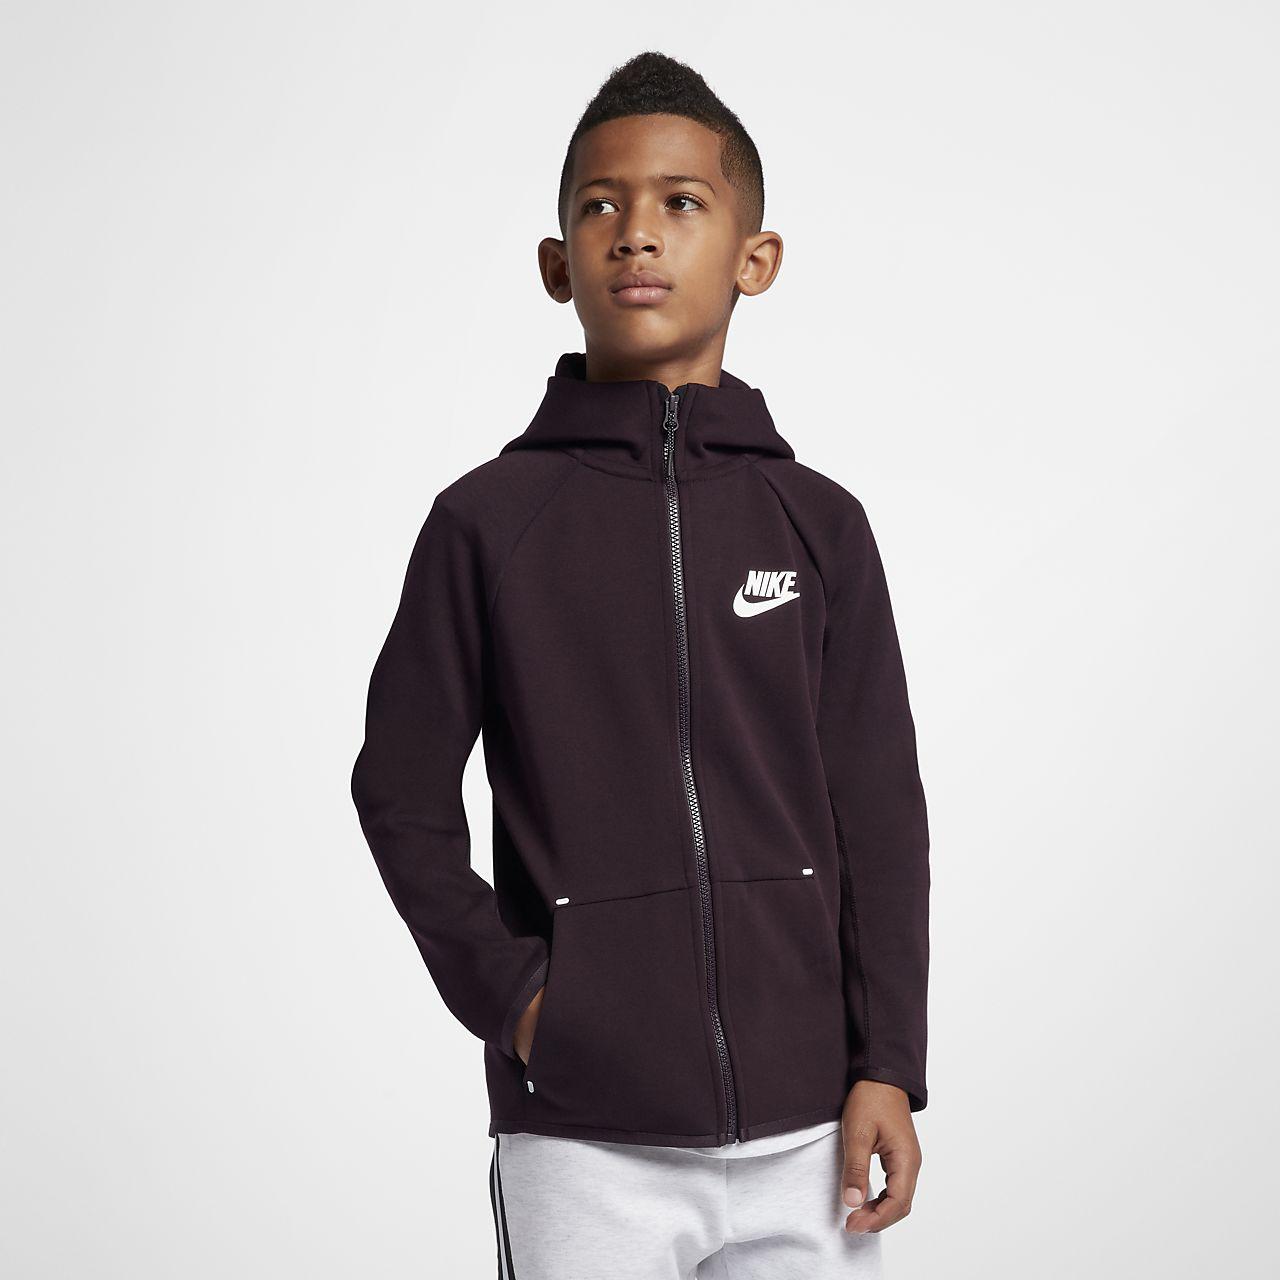 À Pour Sportswear Zippé Nike Capuche Fleece Entièrement Sweat Tech BR7dT